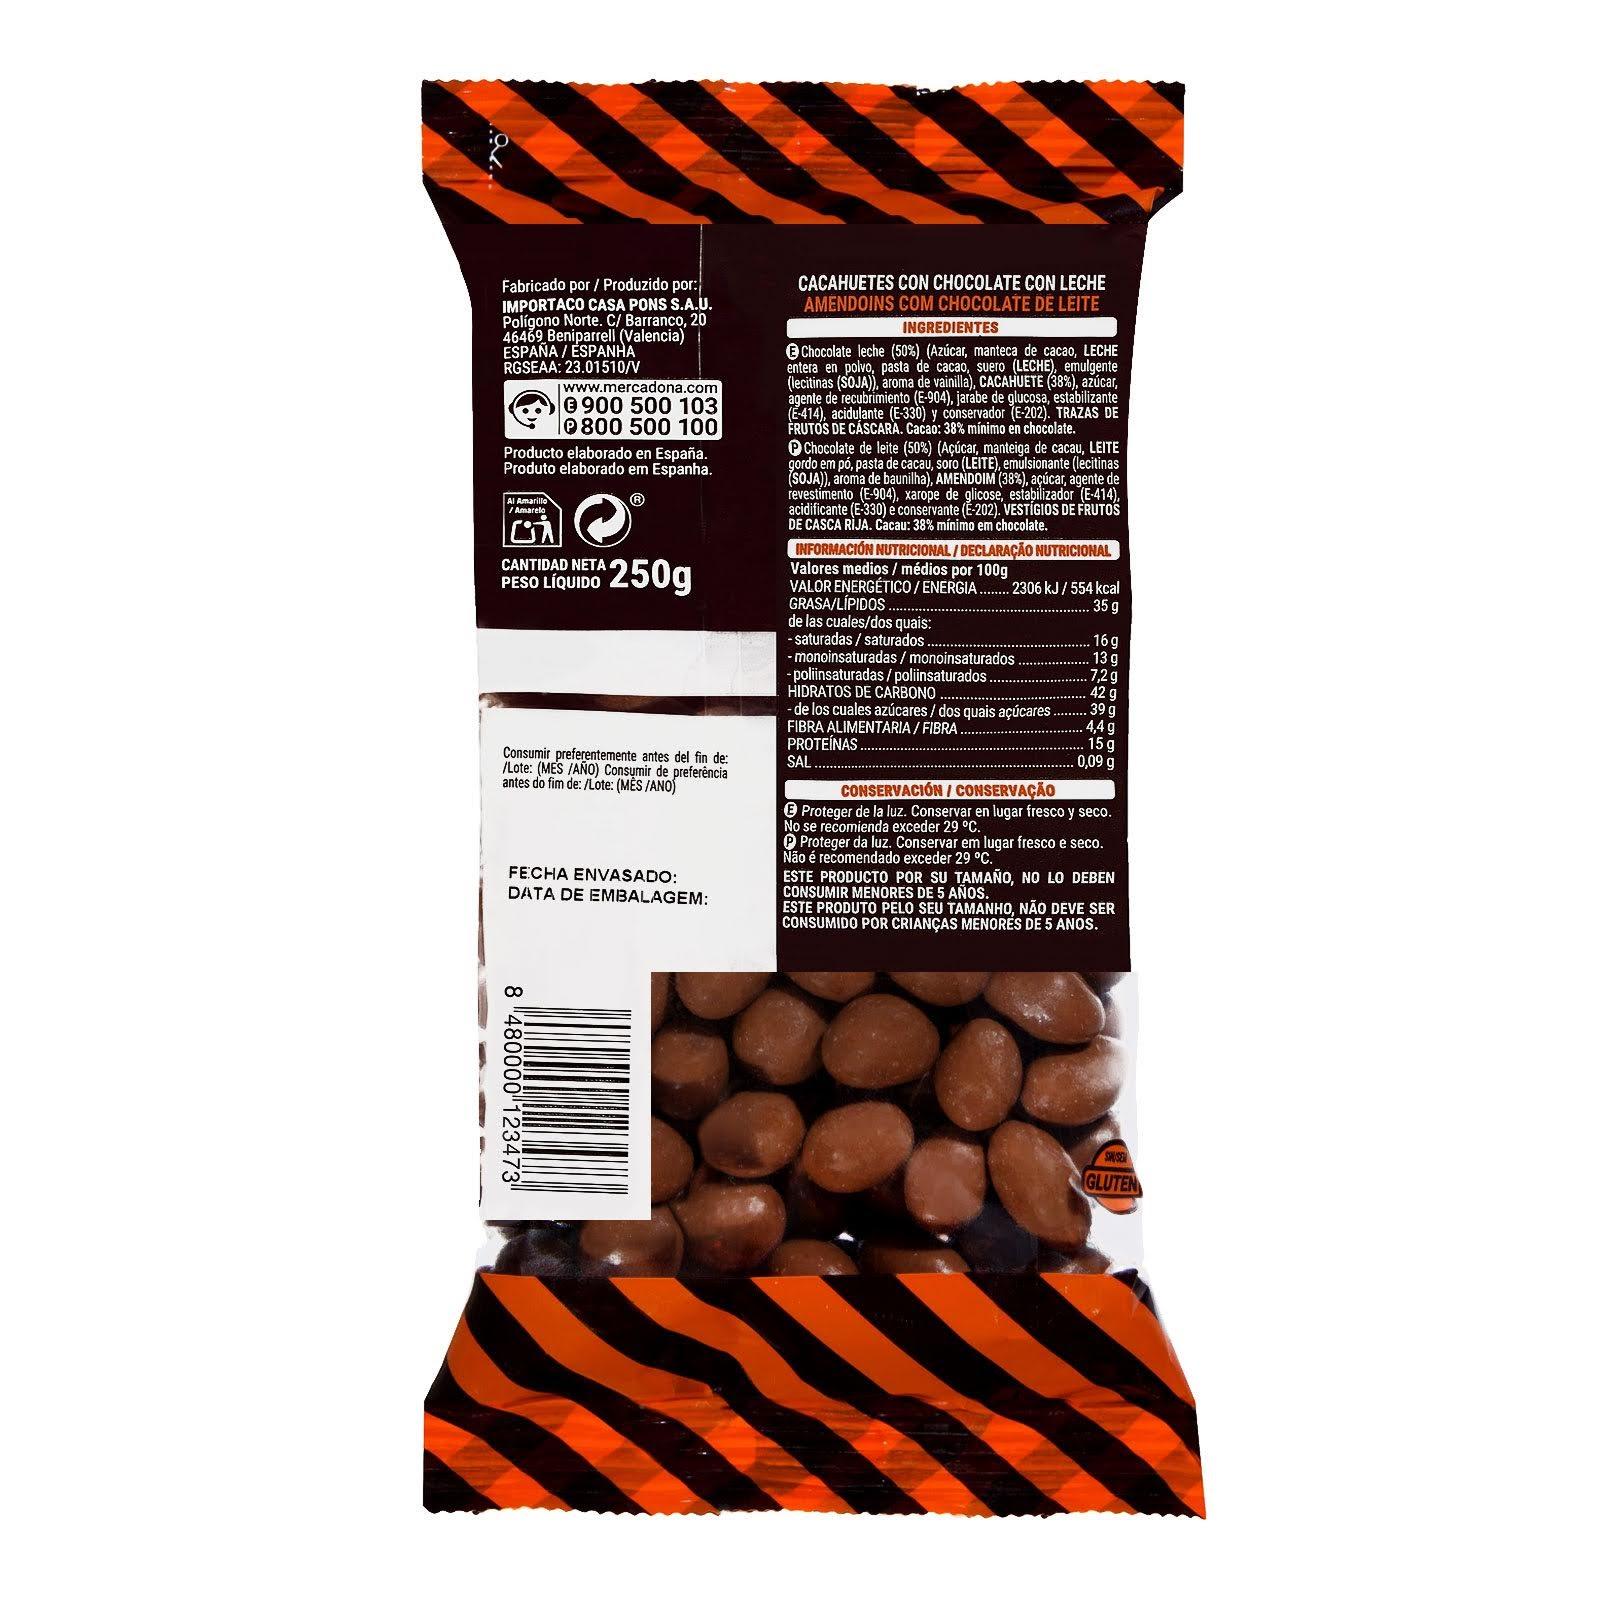 Cacahuetes recubiertos de chocolate con leche Hacendado